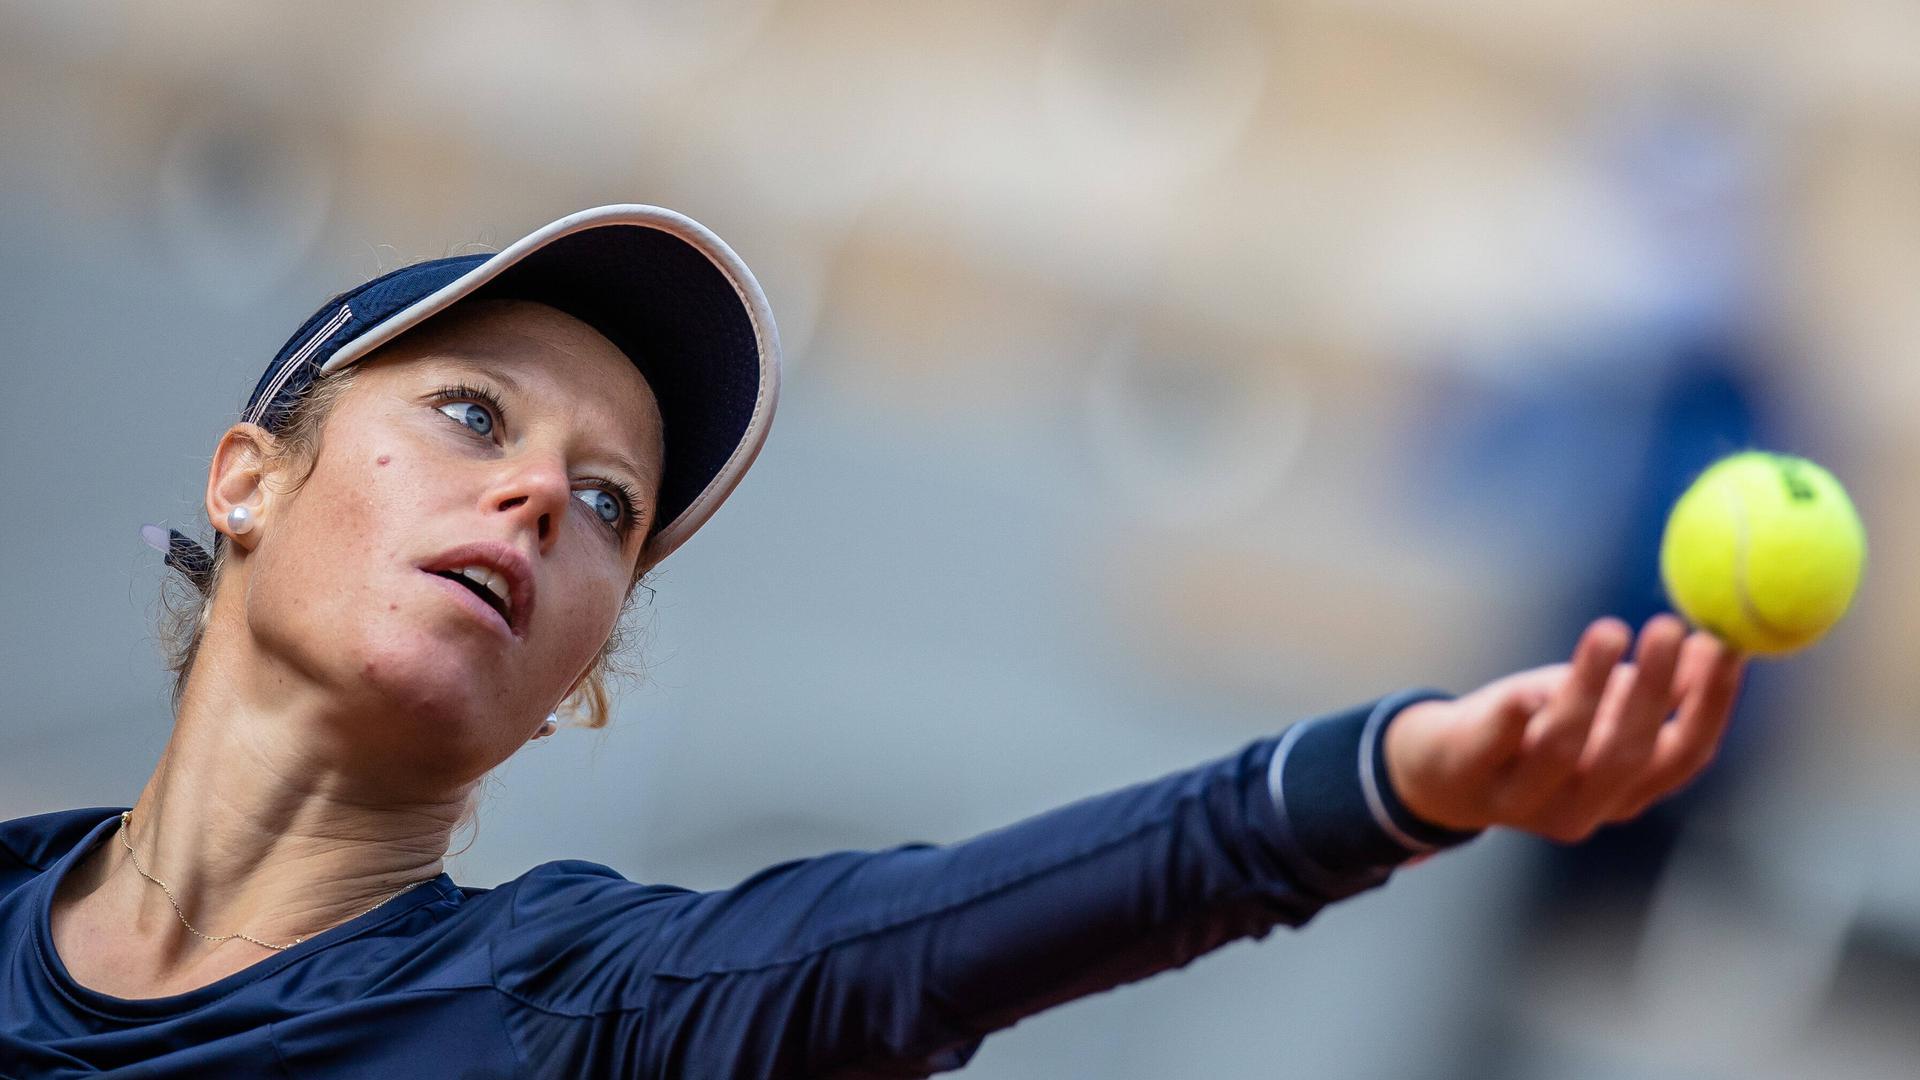 Nicht Tennis-müde: Laura Siegemund hat der Titel bei den US Open und das Erreichen des Viertelfinales der French Open nur noch weiter motiviert.